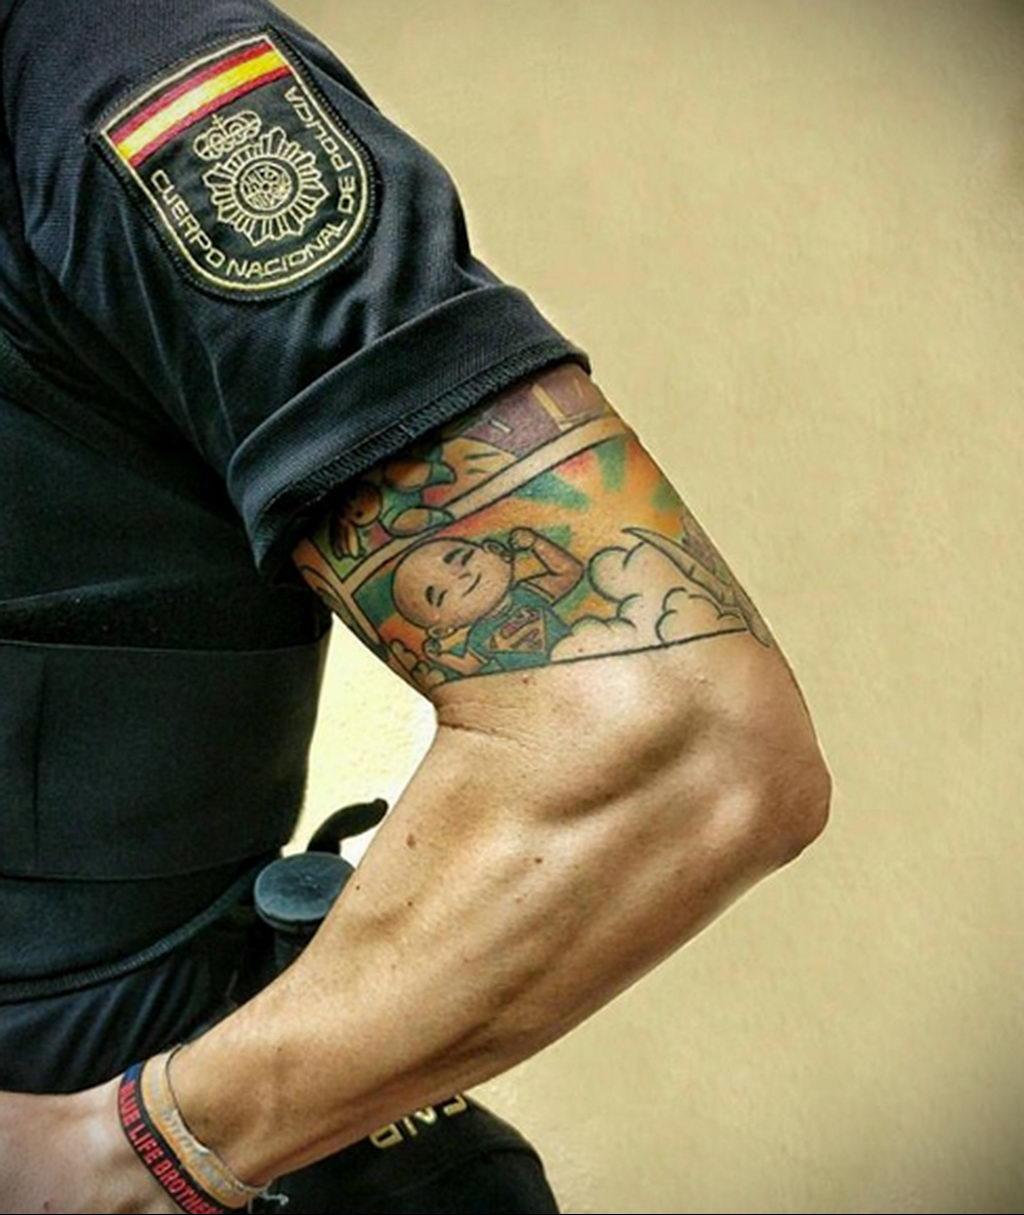 Фото действующего сотрудника полиции в форме с татуировками на теле для tatufoto.com 64